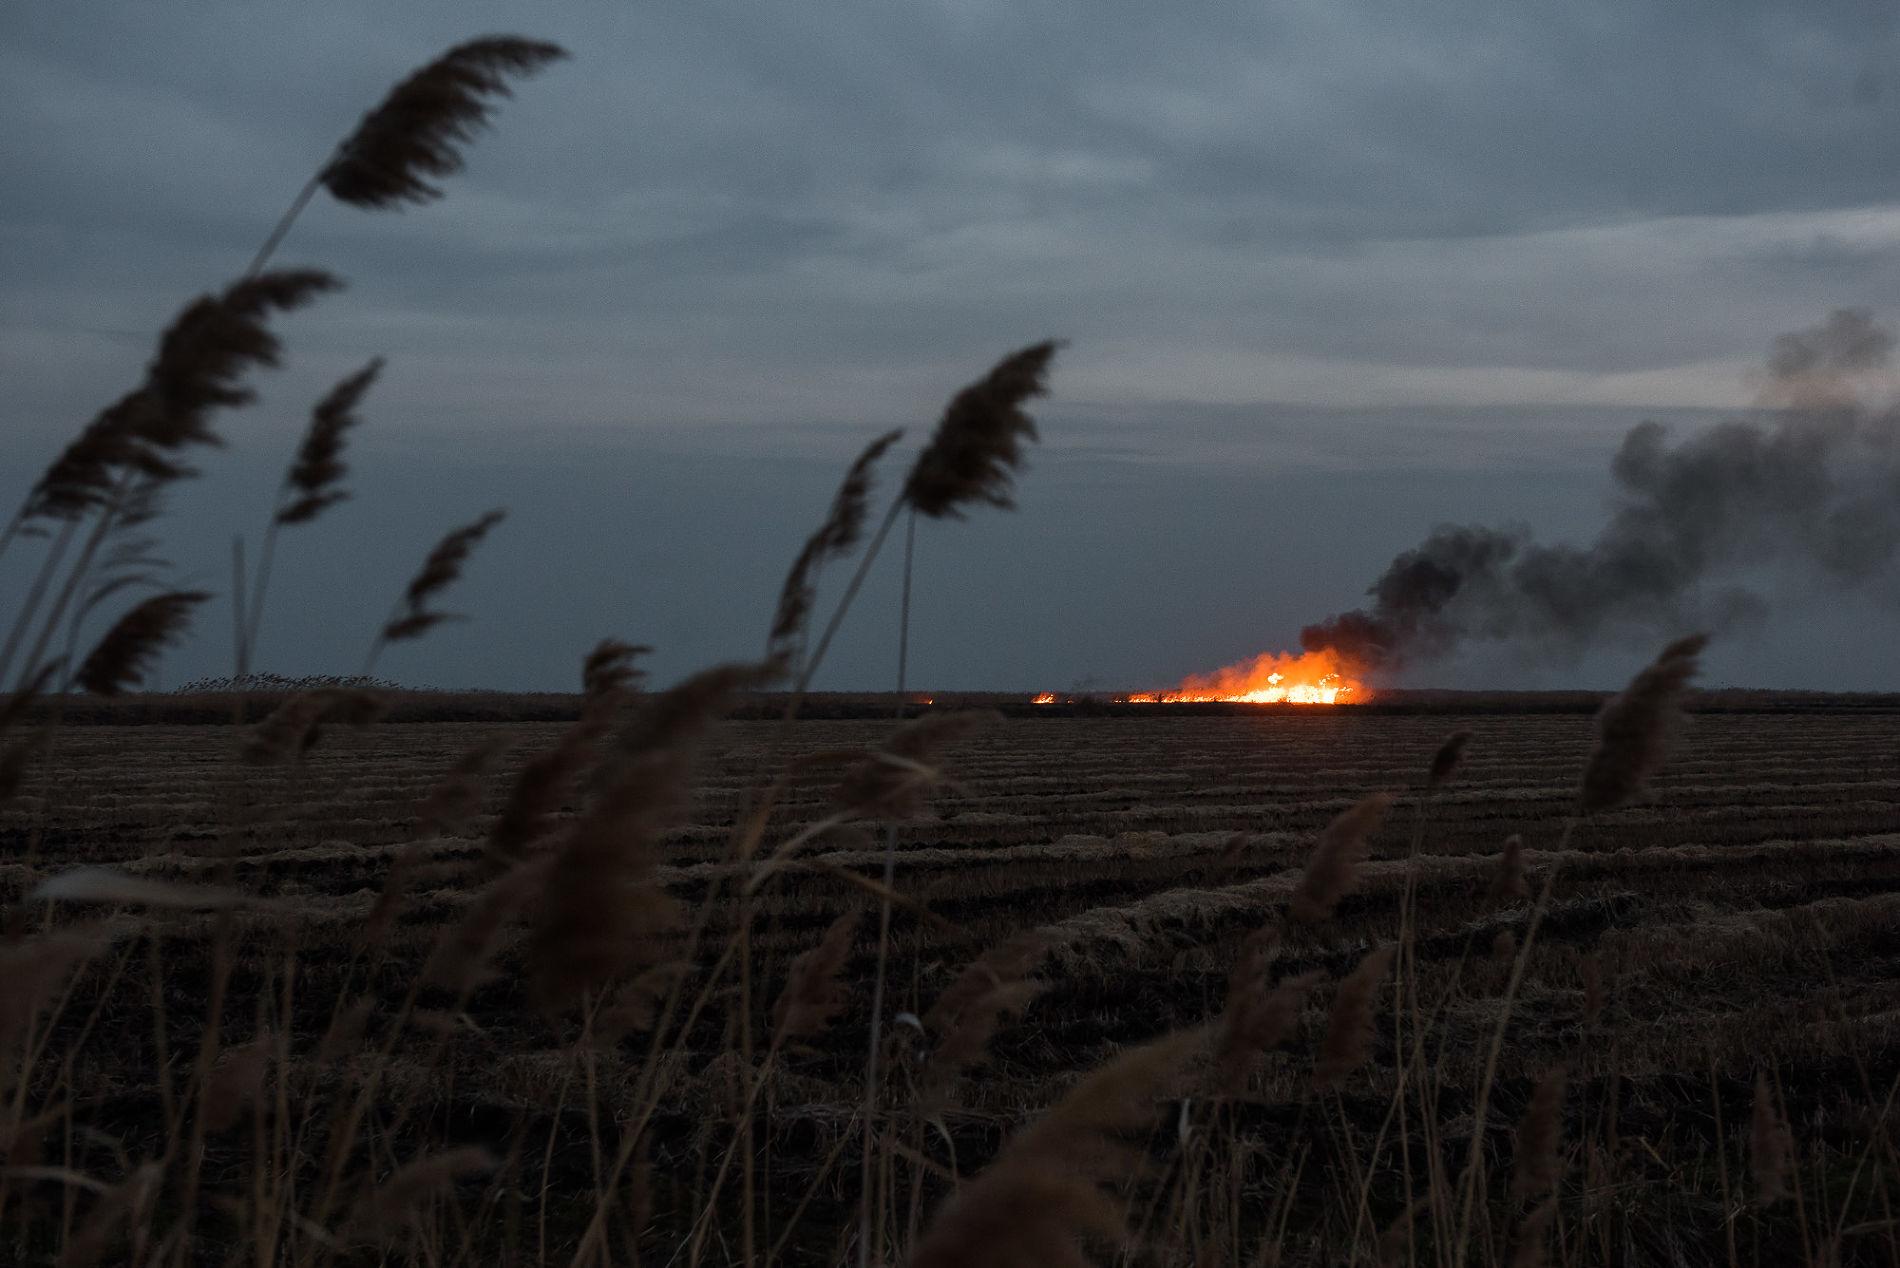 ВВолгоградской области МЧС объявило экстренное предупреждение